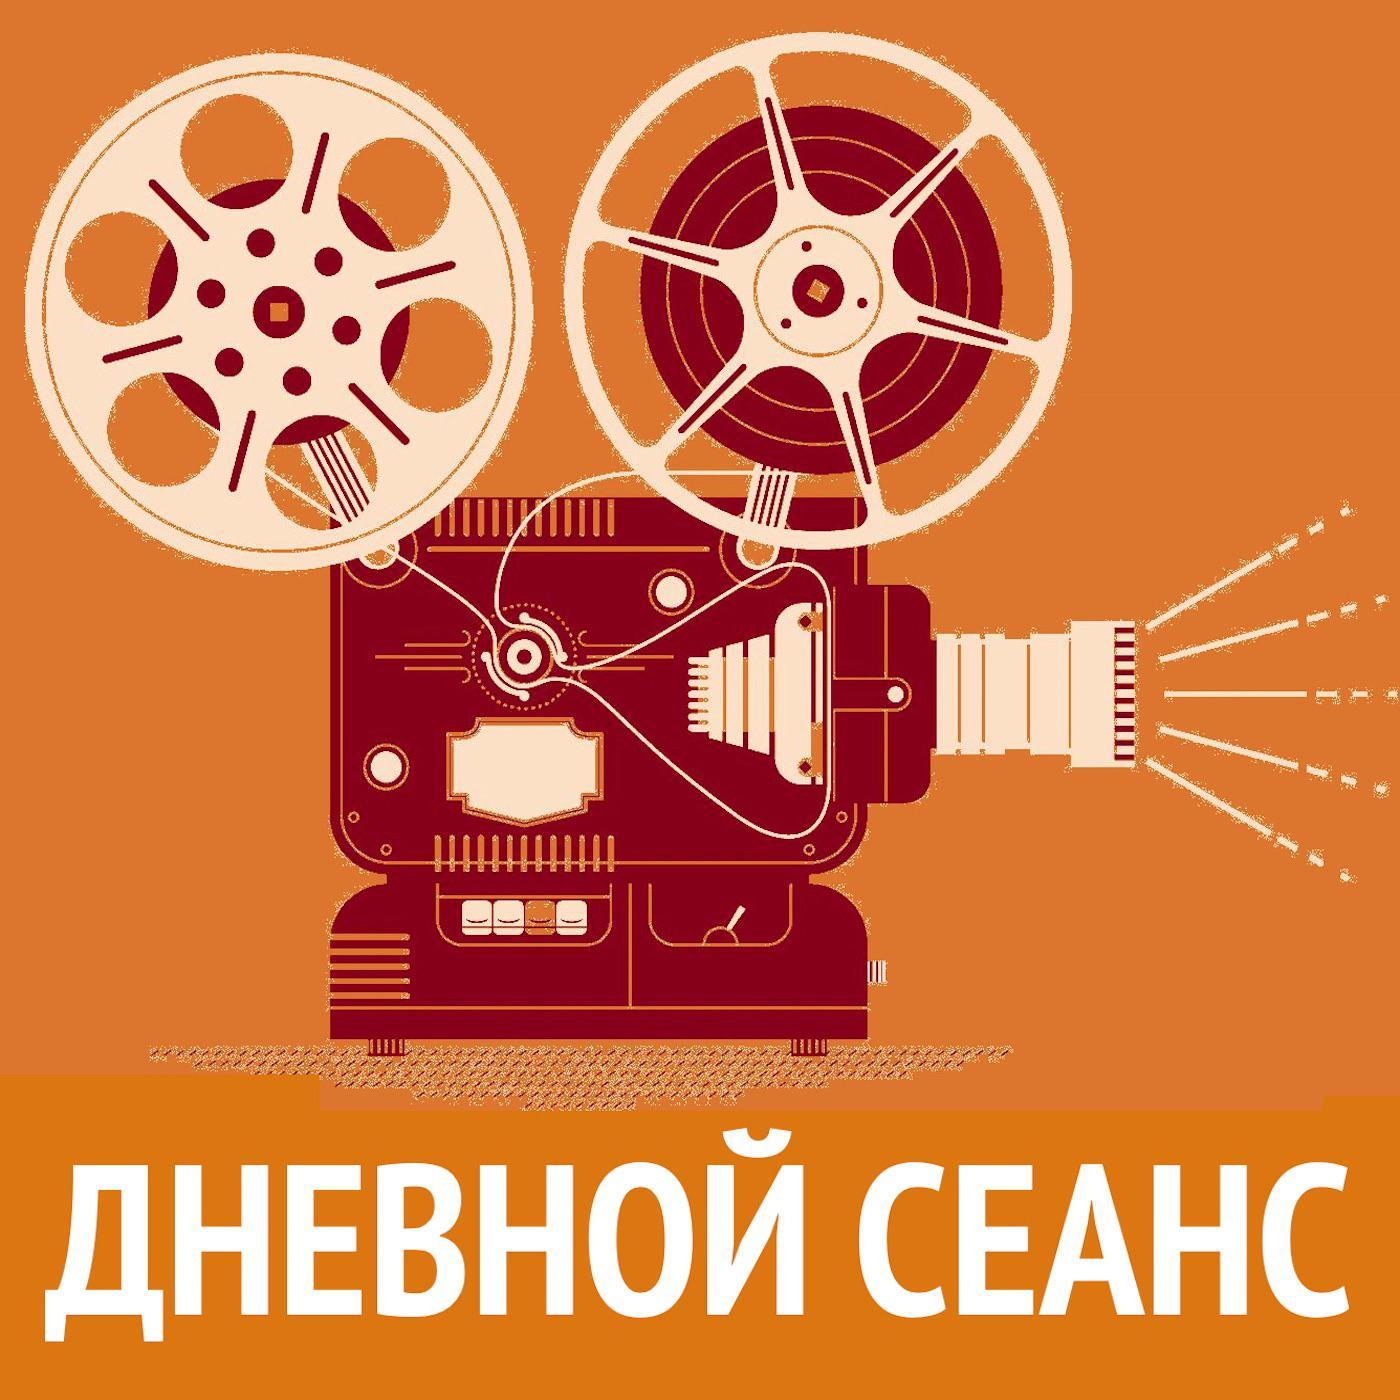 Илья Либман Киноконцерт: популярные мелодии советского кино